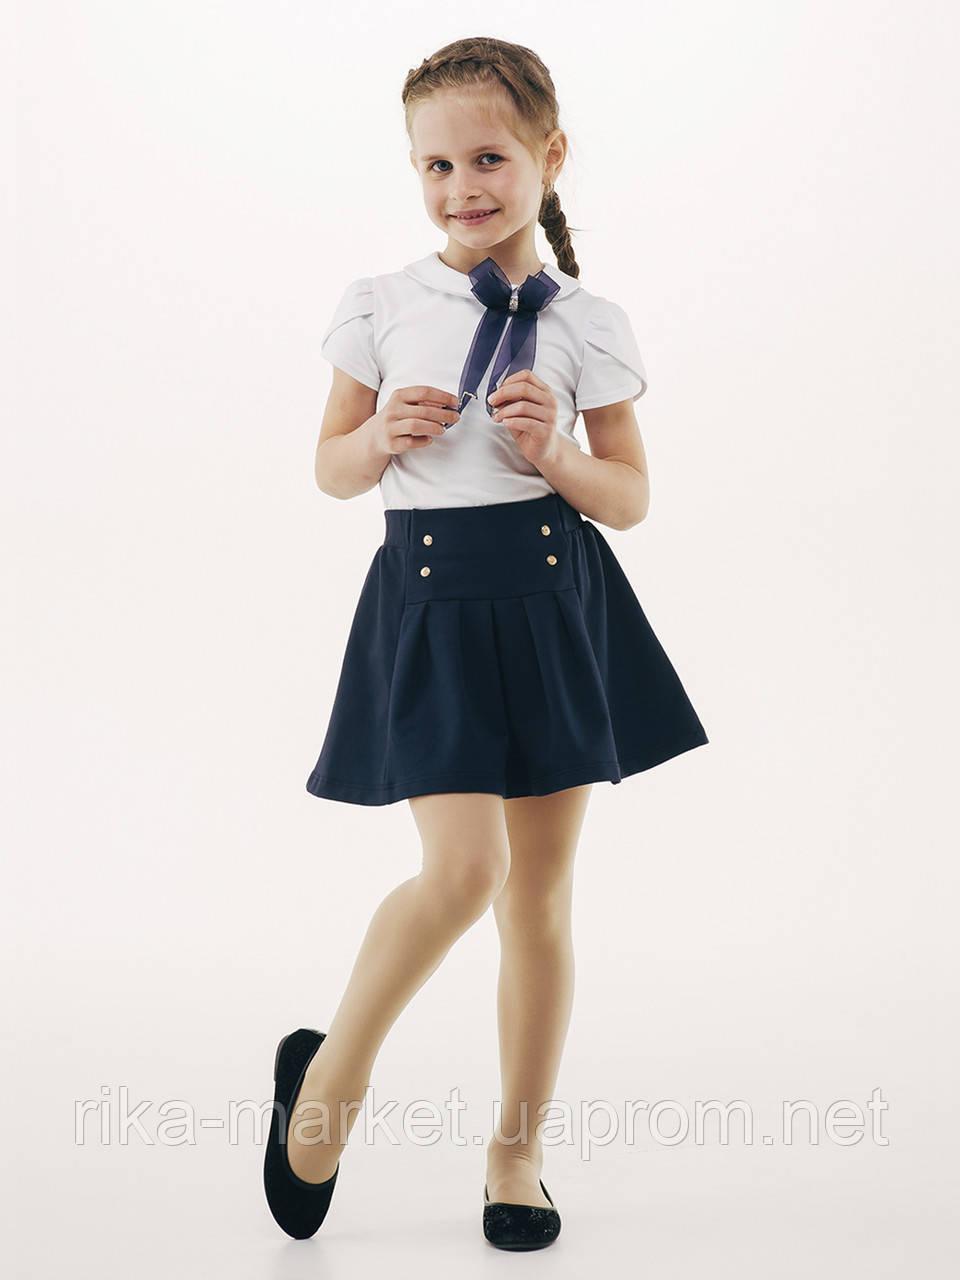 Школьная юбка, ТМ Смил, 120237, возраст 6 - 10 лет